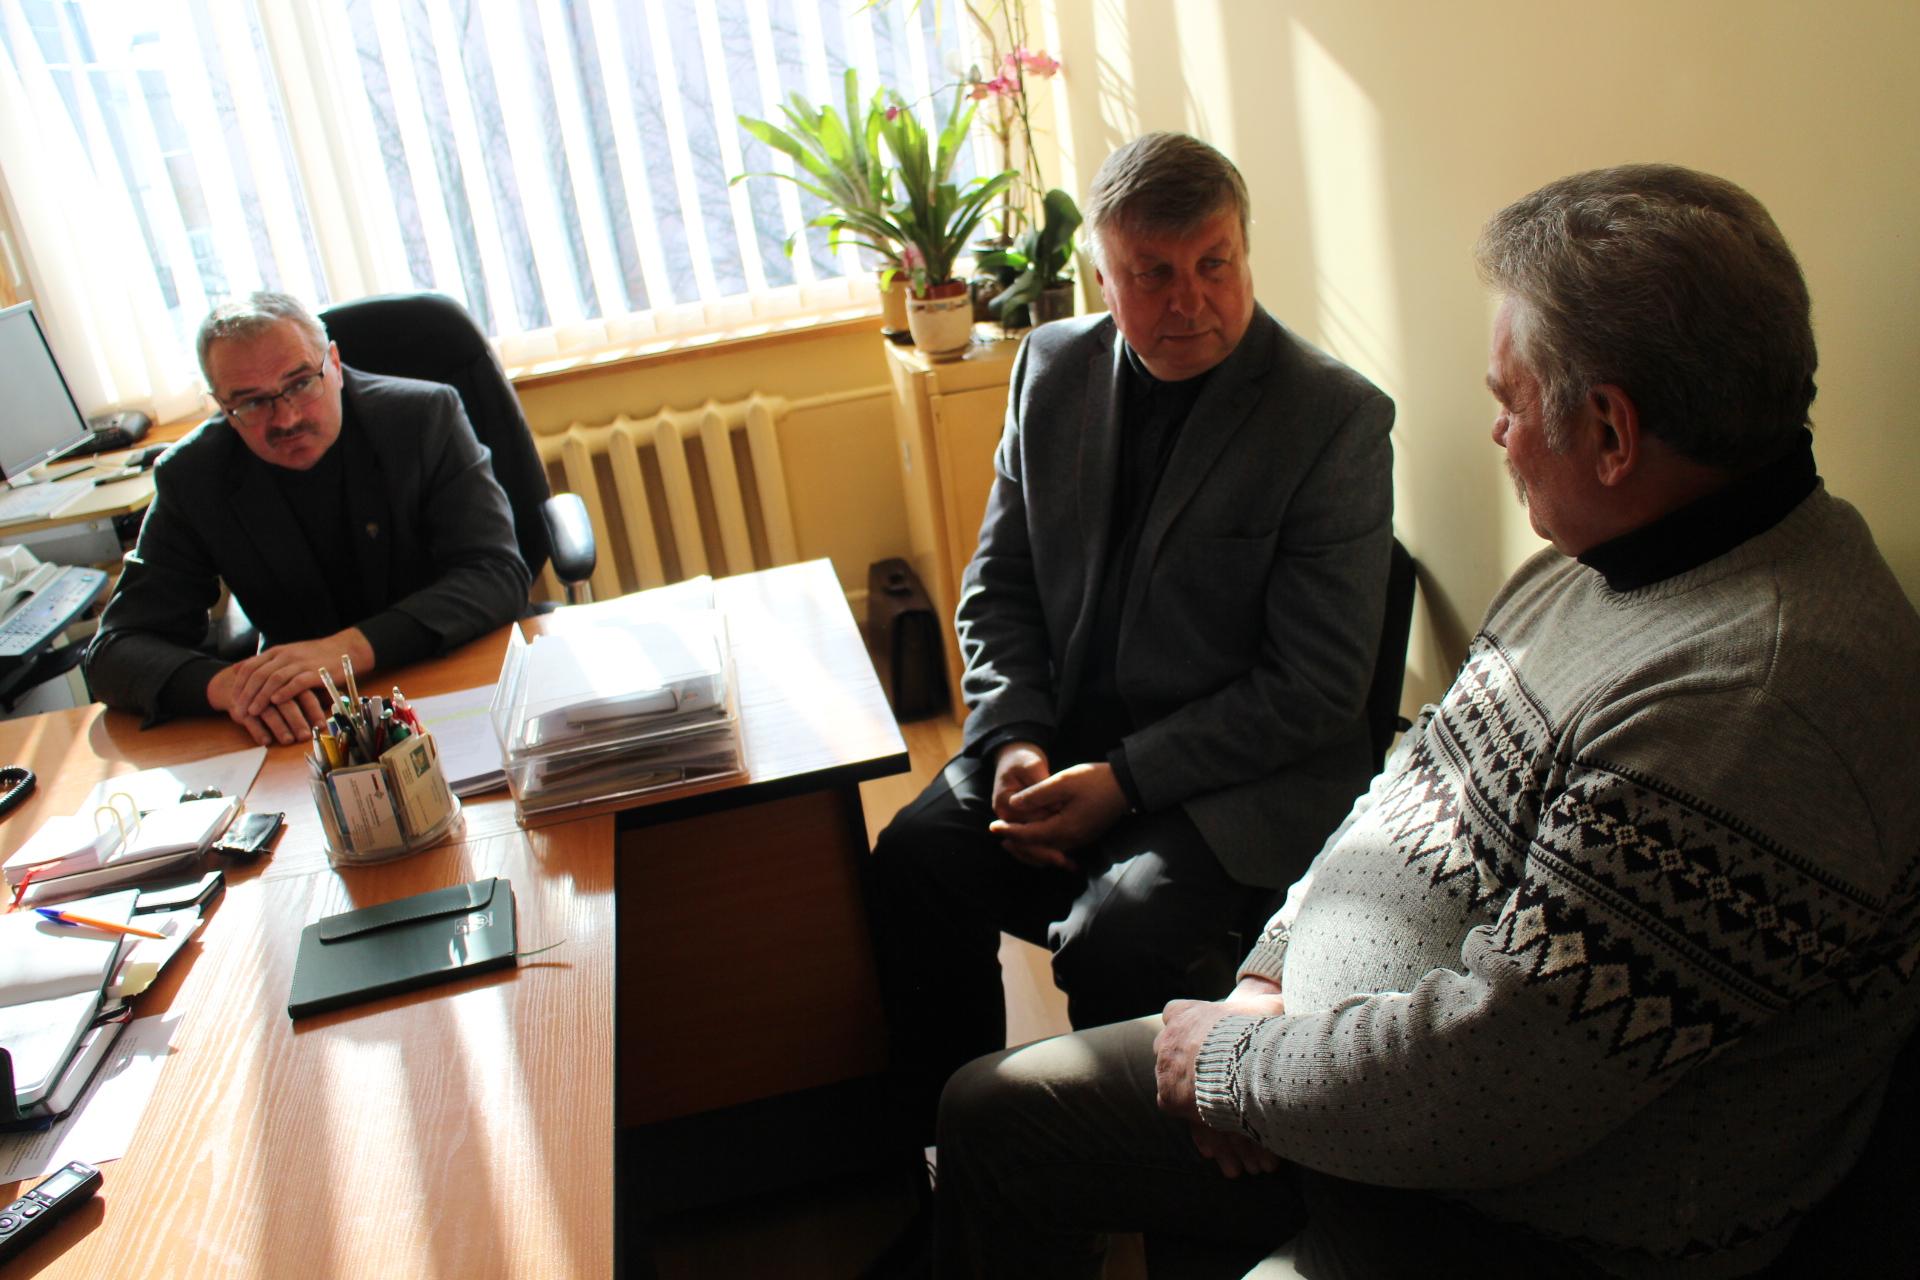 Vienmandatininko Seimo nario darbas: dalyvauti renginiuose ir padėti spręsti problemas